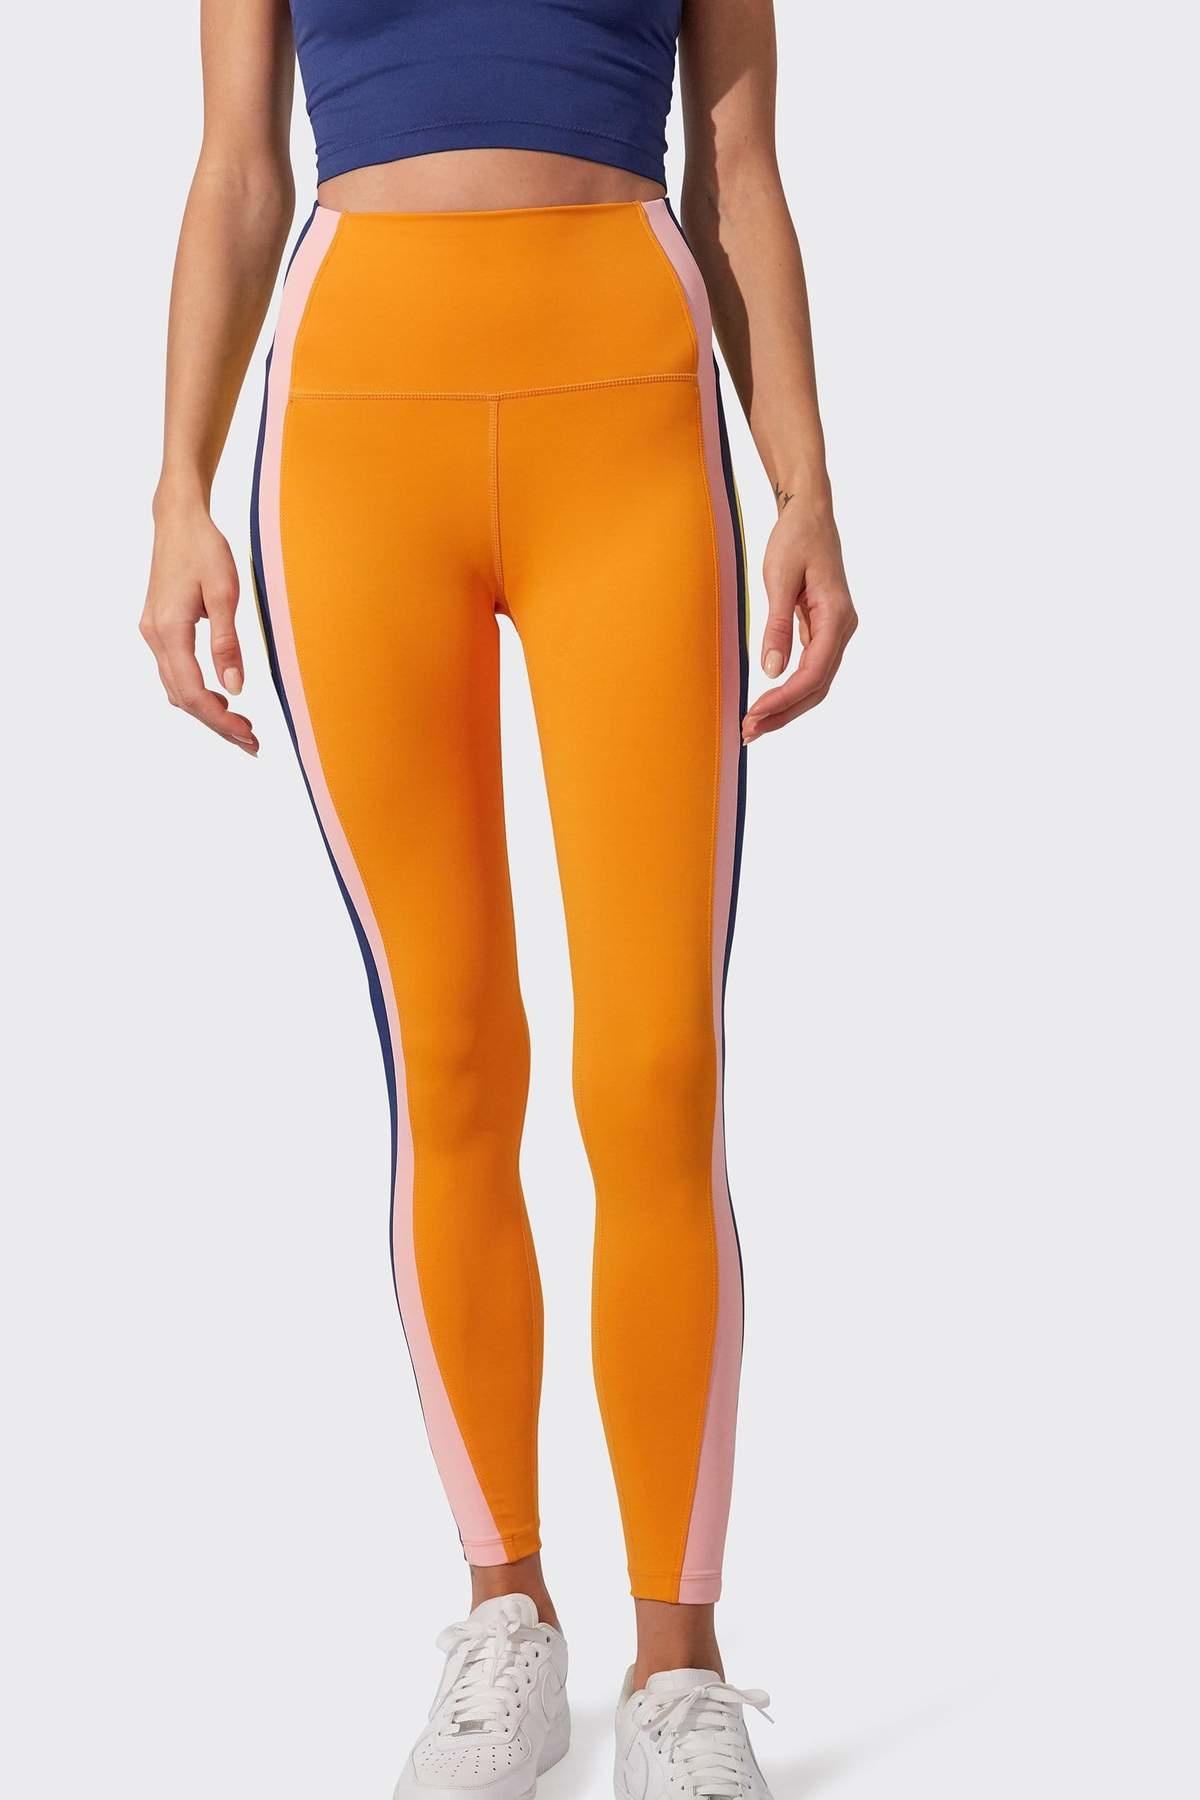 Splits59 Jaden HW 7/8 Legging Nectarine/Pink Multi